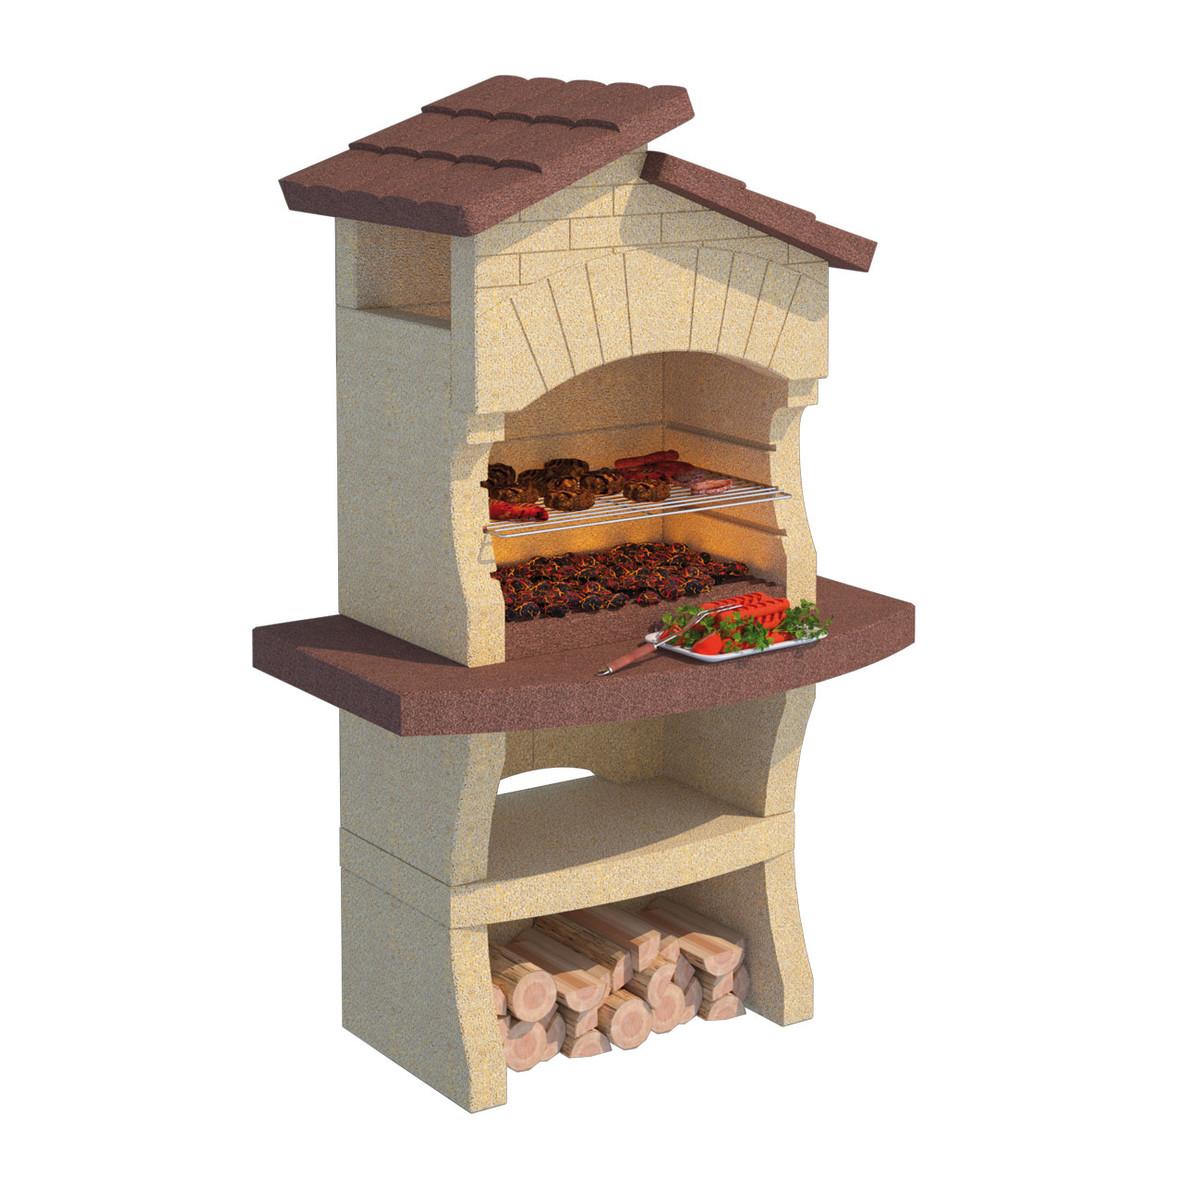 Cucina economica a legna in muratura : cucina a legna nordica rosa ...